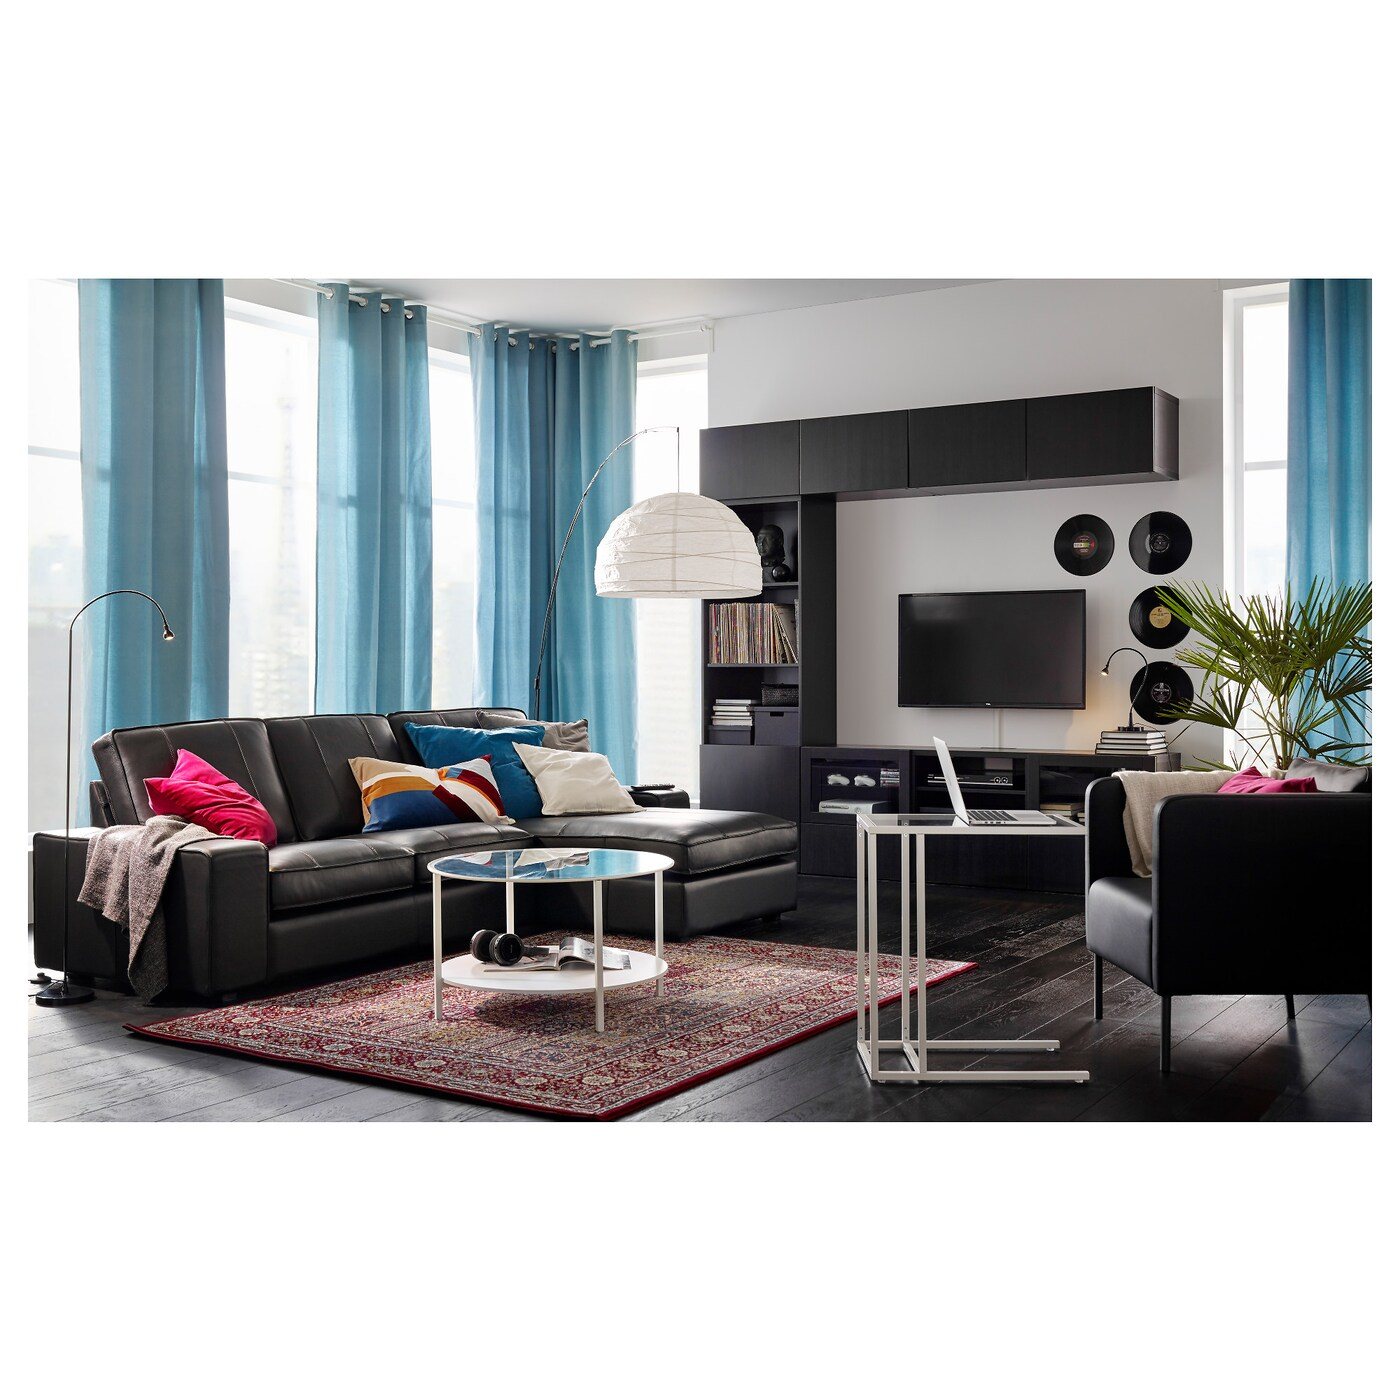 Full Size of Regolit Standleuchte Ikea Sofa Mit Schlaffunktion Miniküche Küche Kaufen Kosten Modulküche Betten 160x200 Bogenlampe Esstisch Bei Wohnzimmer Ikea Bogenlampe